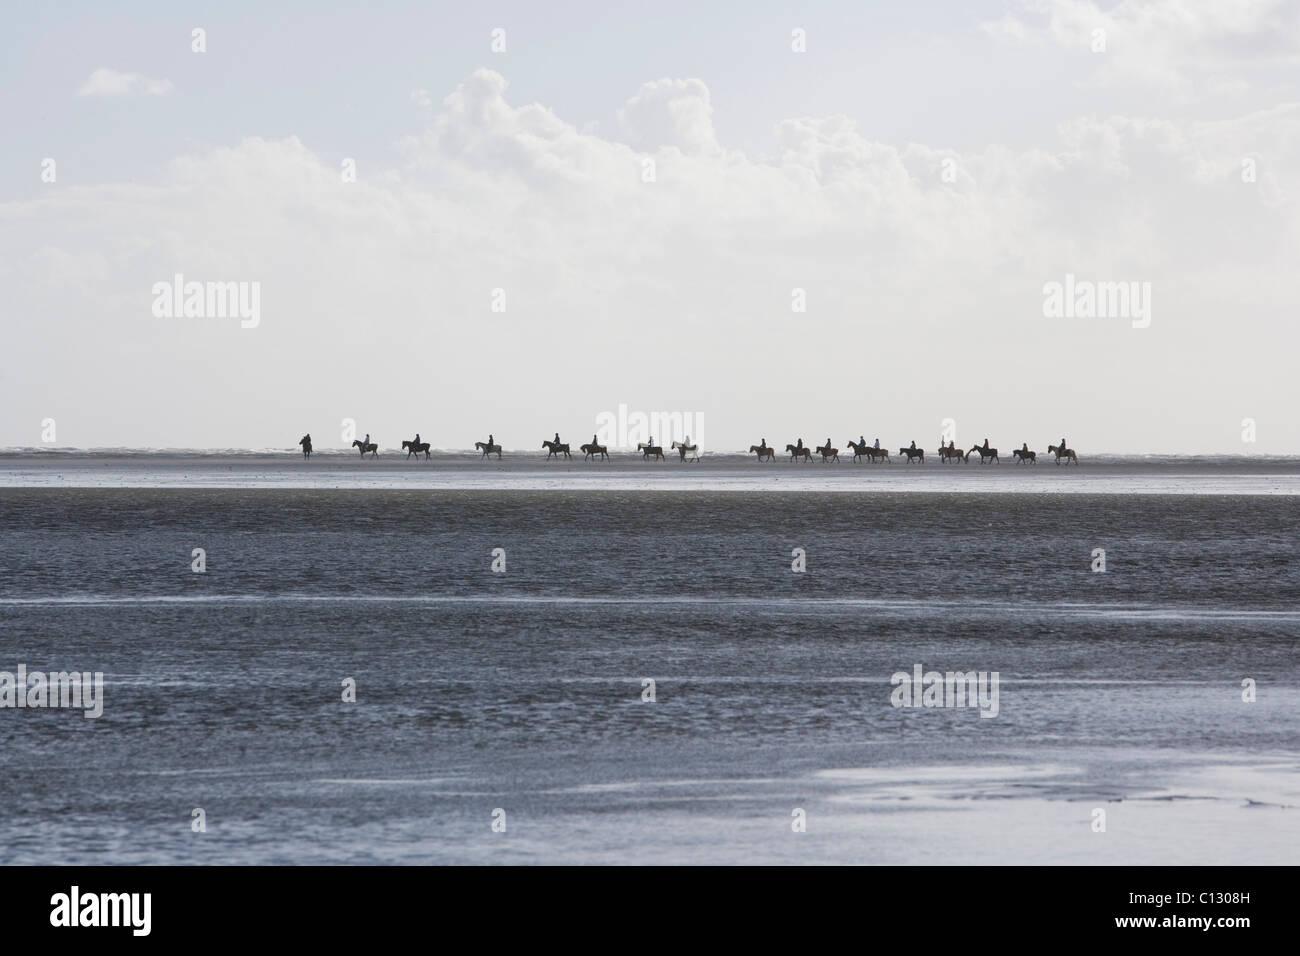 Gruppo di piloti in lontananza sulla spiaggia Immagini Stock